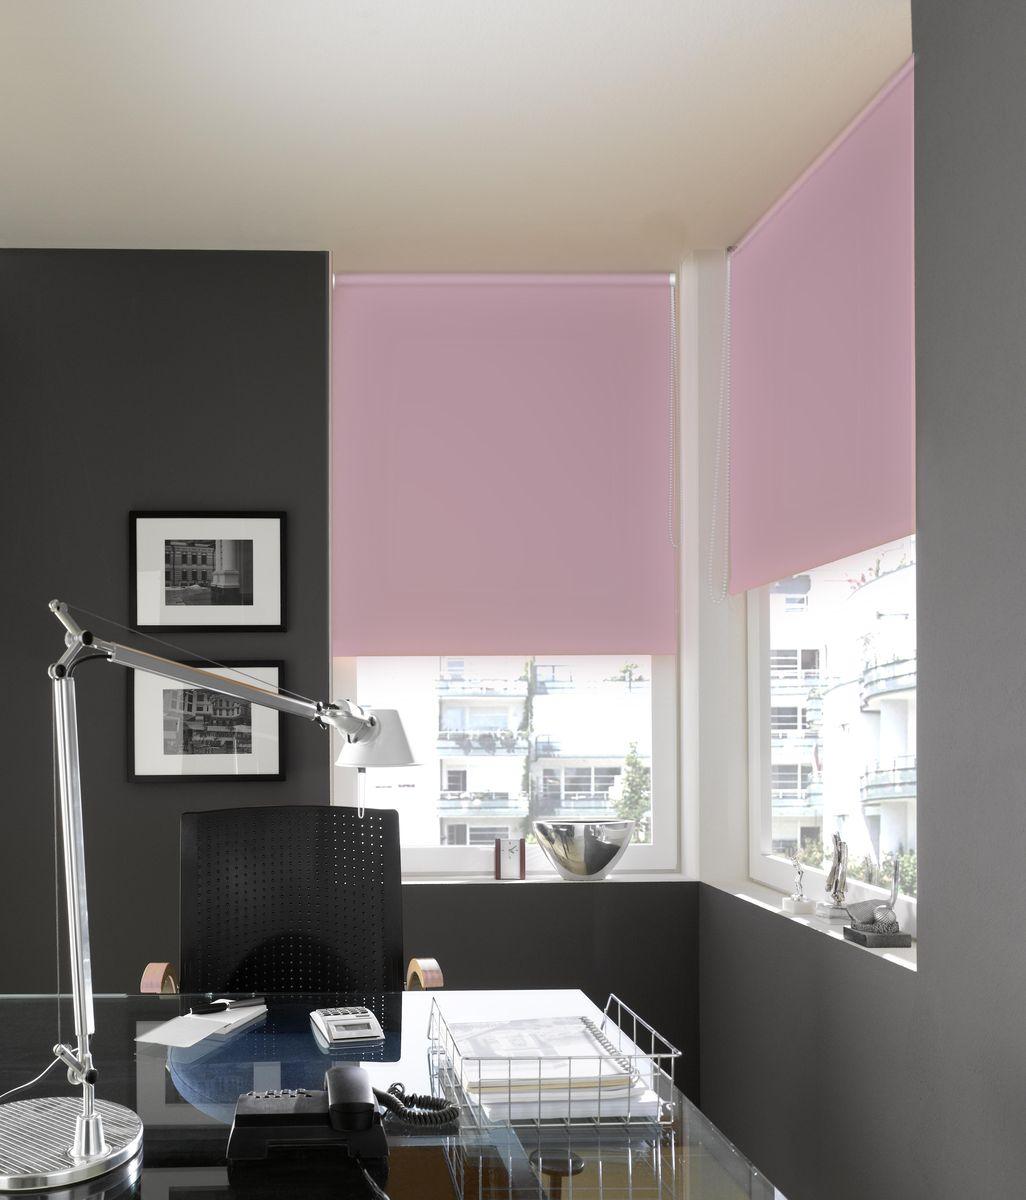 Штора рулонная Эскар Миниролло. Blackout, светонепроницаемые, цвет: розовый, ширина 52 см, высота 170 см34933052170Рулонными шторами Эскар Миниролло. Blackout можно оформлять окна как самостоятельно, так и использовать в комбинации с портьерами. Это поможет предотвратить выгорание дорогой ткани на солнце и соединит функционал рулонных с красотой навесных. Преимущества применения рулонных штор для пластиковых окон: - имеют прекрасный внешний вид: многообразие и фактурность материала изделия отлично смотрятся в любом интерьере;- многофункциональны: есть возможность подобрать шторы способные эффективно защитить комнату от солнца, при этом она не будет слишком темной;- есть возможность осуществить быстрый монтаж.ВНИМАНИЕ! Размеры ширины изделия указаны по ширине ткани! Во время эксплуатации не рекомендуется полностью разматывать рулон, чтобы не оторвать ткань от намоточного вала. В случае загрязнения поверхности ткани, чистку шторы проводят одним из способов, в зависимости от типа загрязнения:легкое поверхностное загрязнение можно удалить при помощи канцелярского ластика;чистка от пыли производится сухим методом при помощи пылесоса с мягкой щеткой-насадкой;для удаления пятна используйте мягкую губку с пенообразующим неагрессивным моющим средством или пятновыводитель на натуральной основе (нельзя применять растворители).